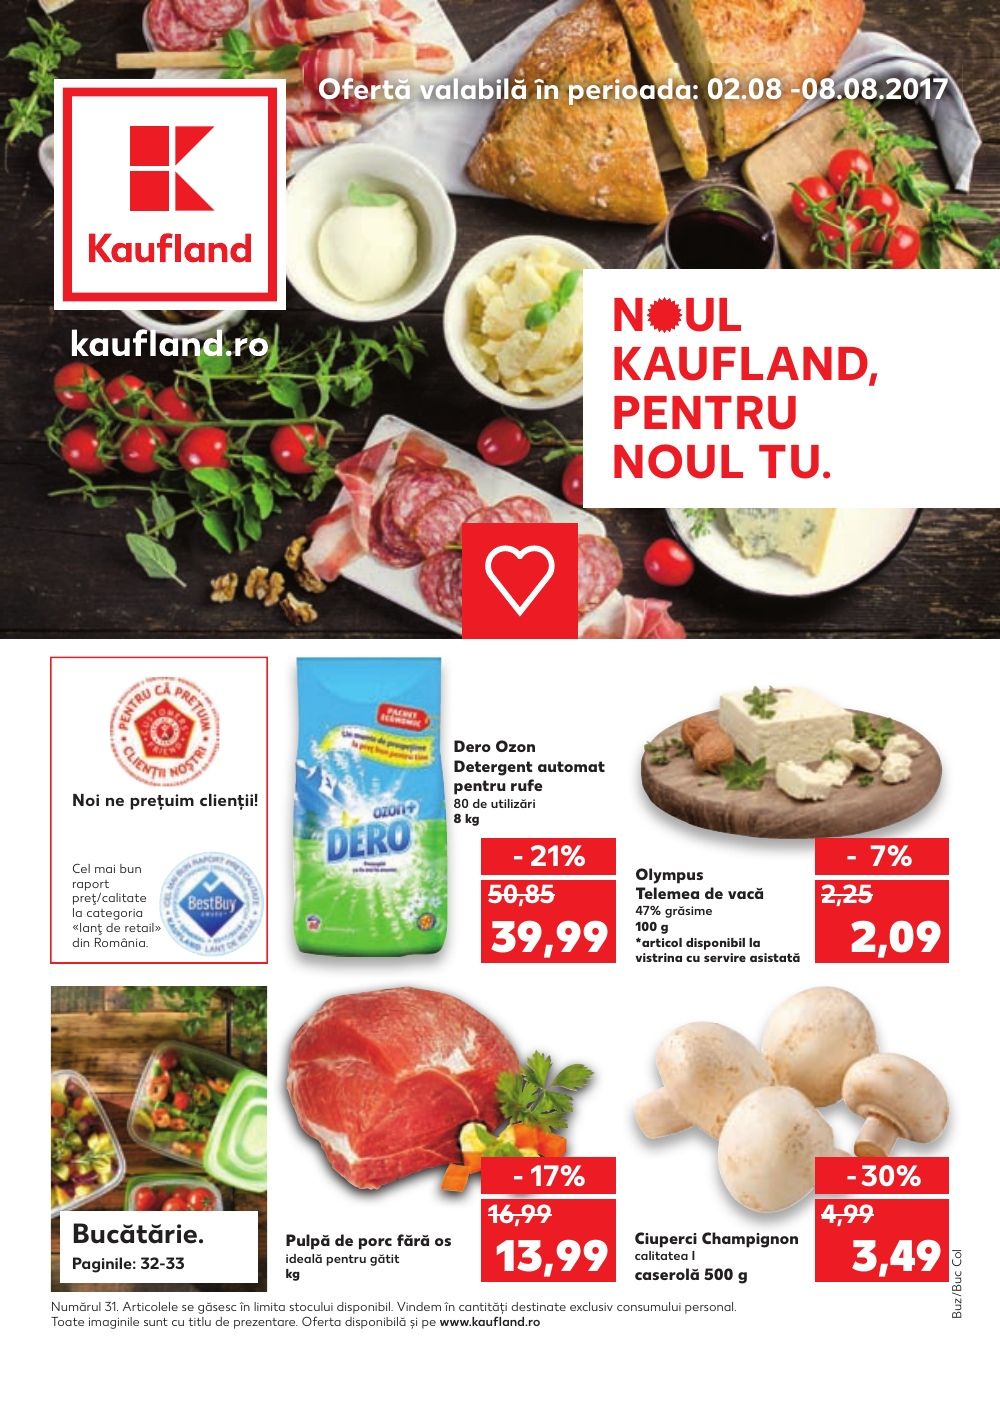 Catalog Kaufland 2 August - 8 August, 2017